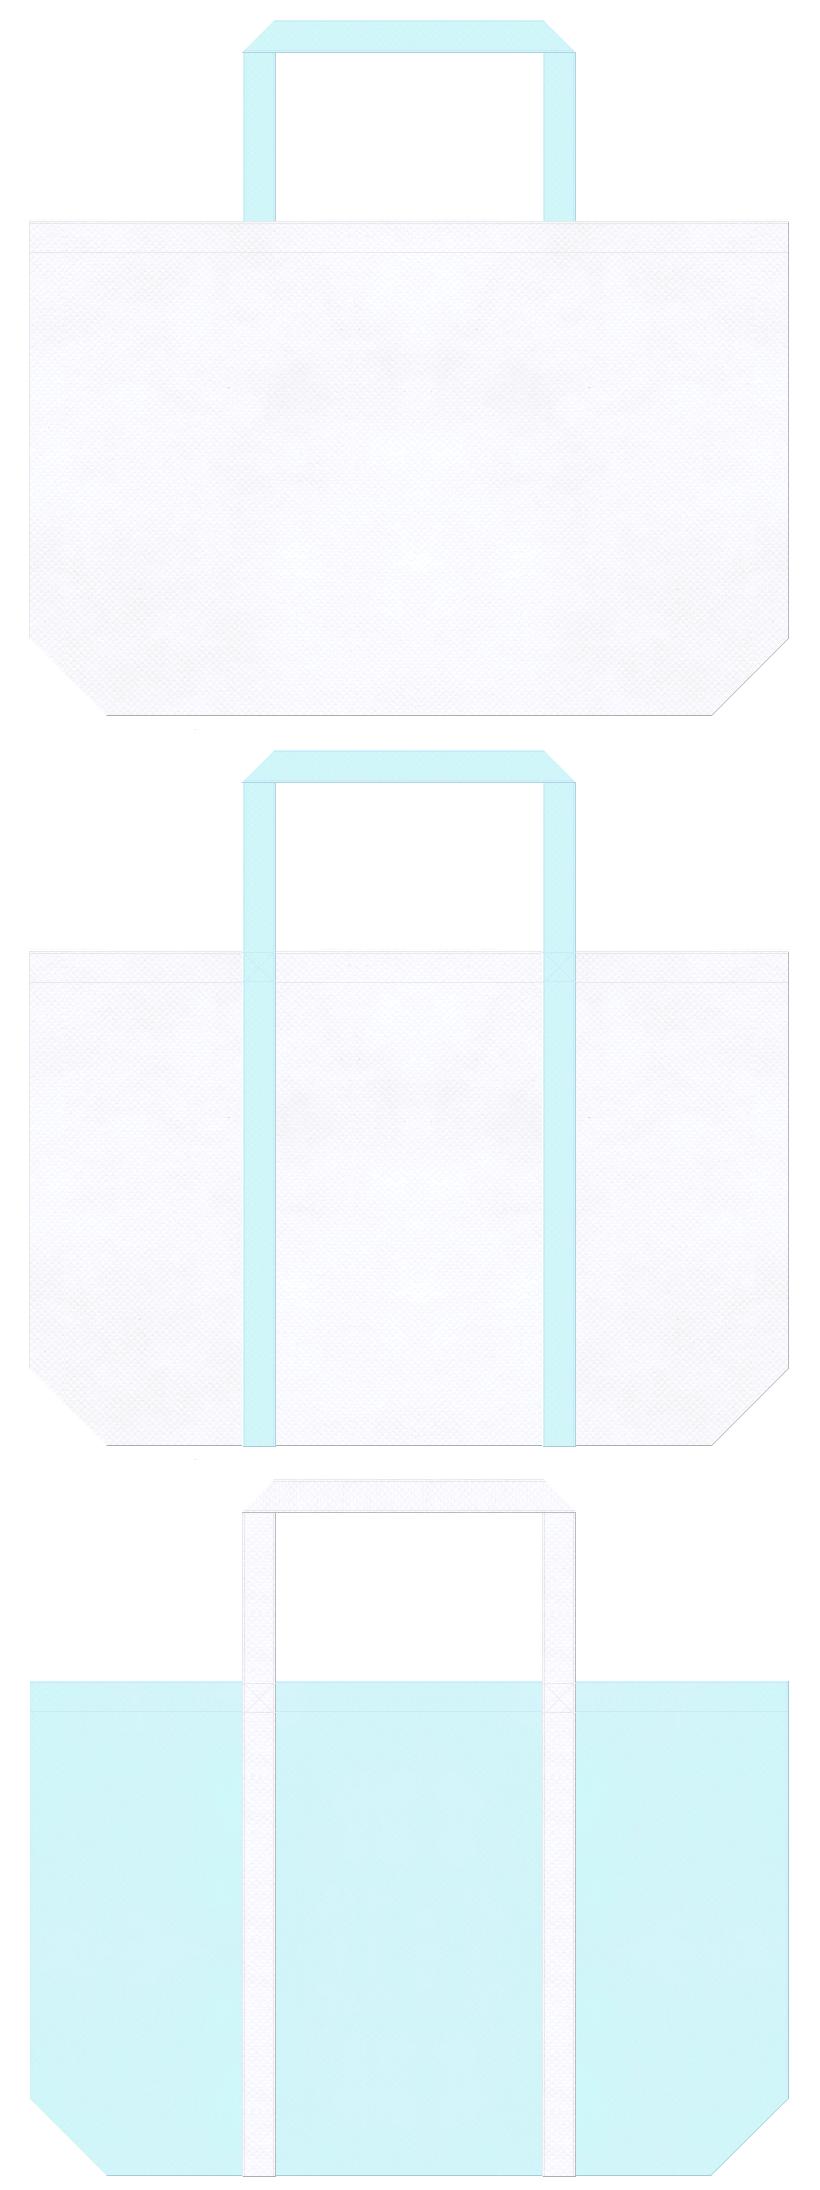 医薬品・医療機器・薬学部・歯学部・医学部・水産・学校・学園・オープンキャンパス・スポーツイベント・ミネラルウォーター・透明飲料・水道設備・浄水器・デンタルセミナー・衛生用品・介護用品・バス用品・保冷バッグにお奨めの不織布バッグデザイン:白色と水色のコーデ